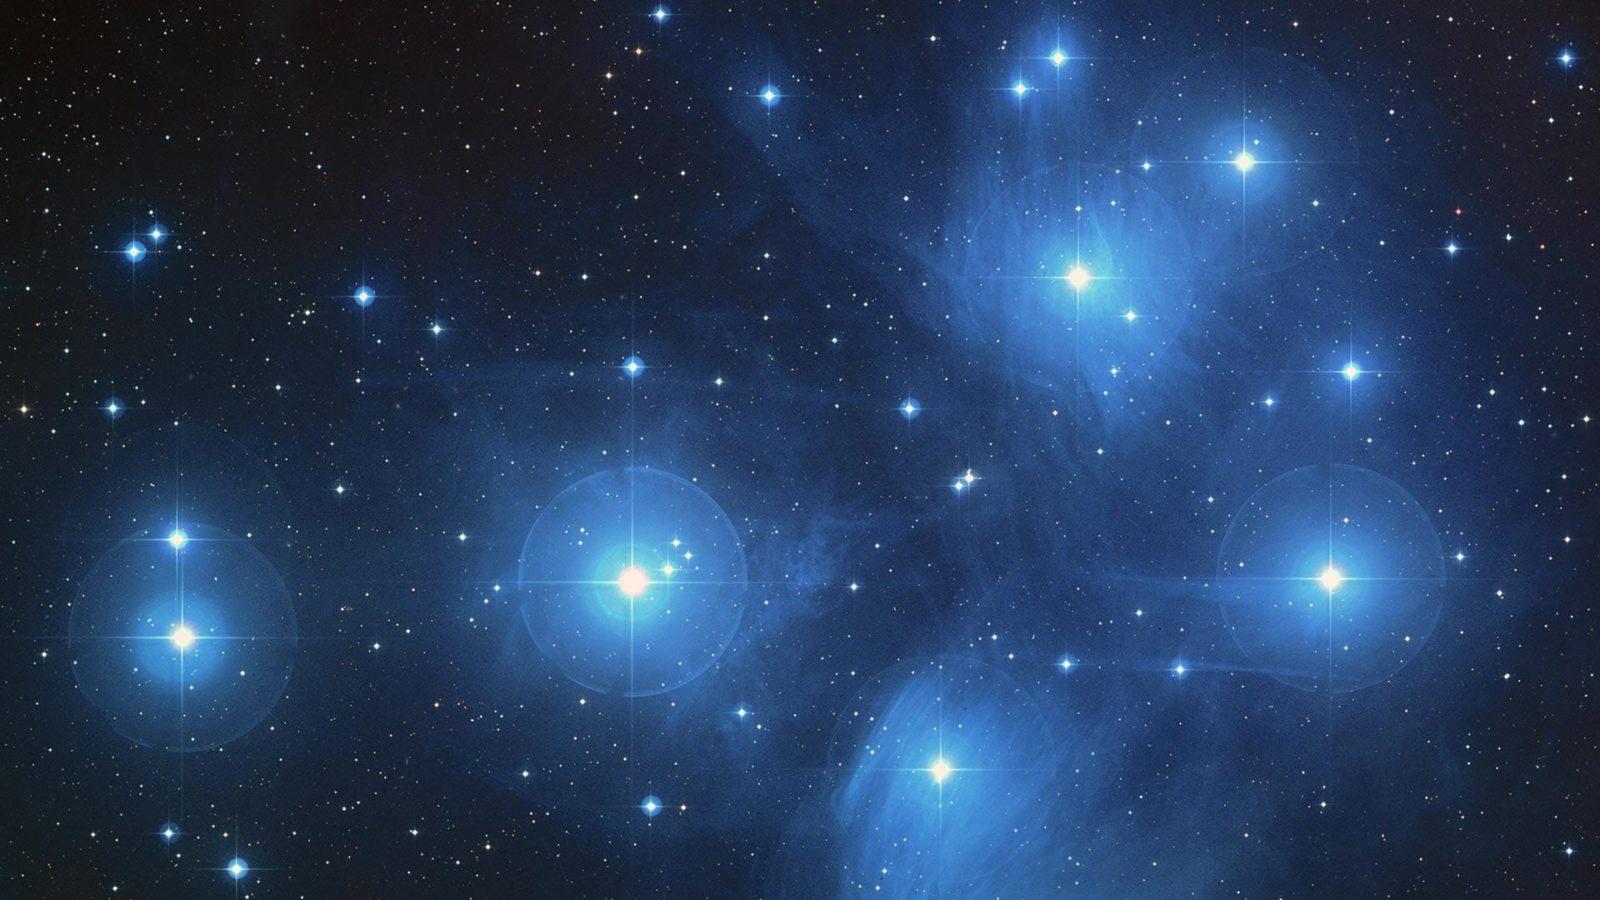 昴宿星<事件-星際種子正在顯化新地球現實(2)>